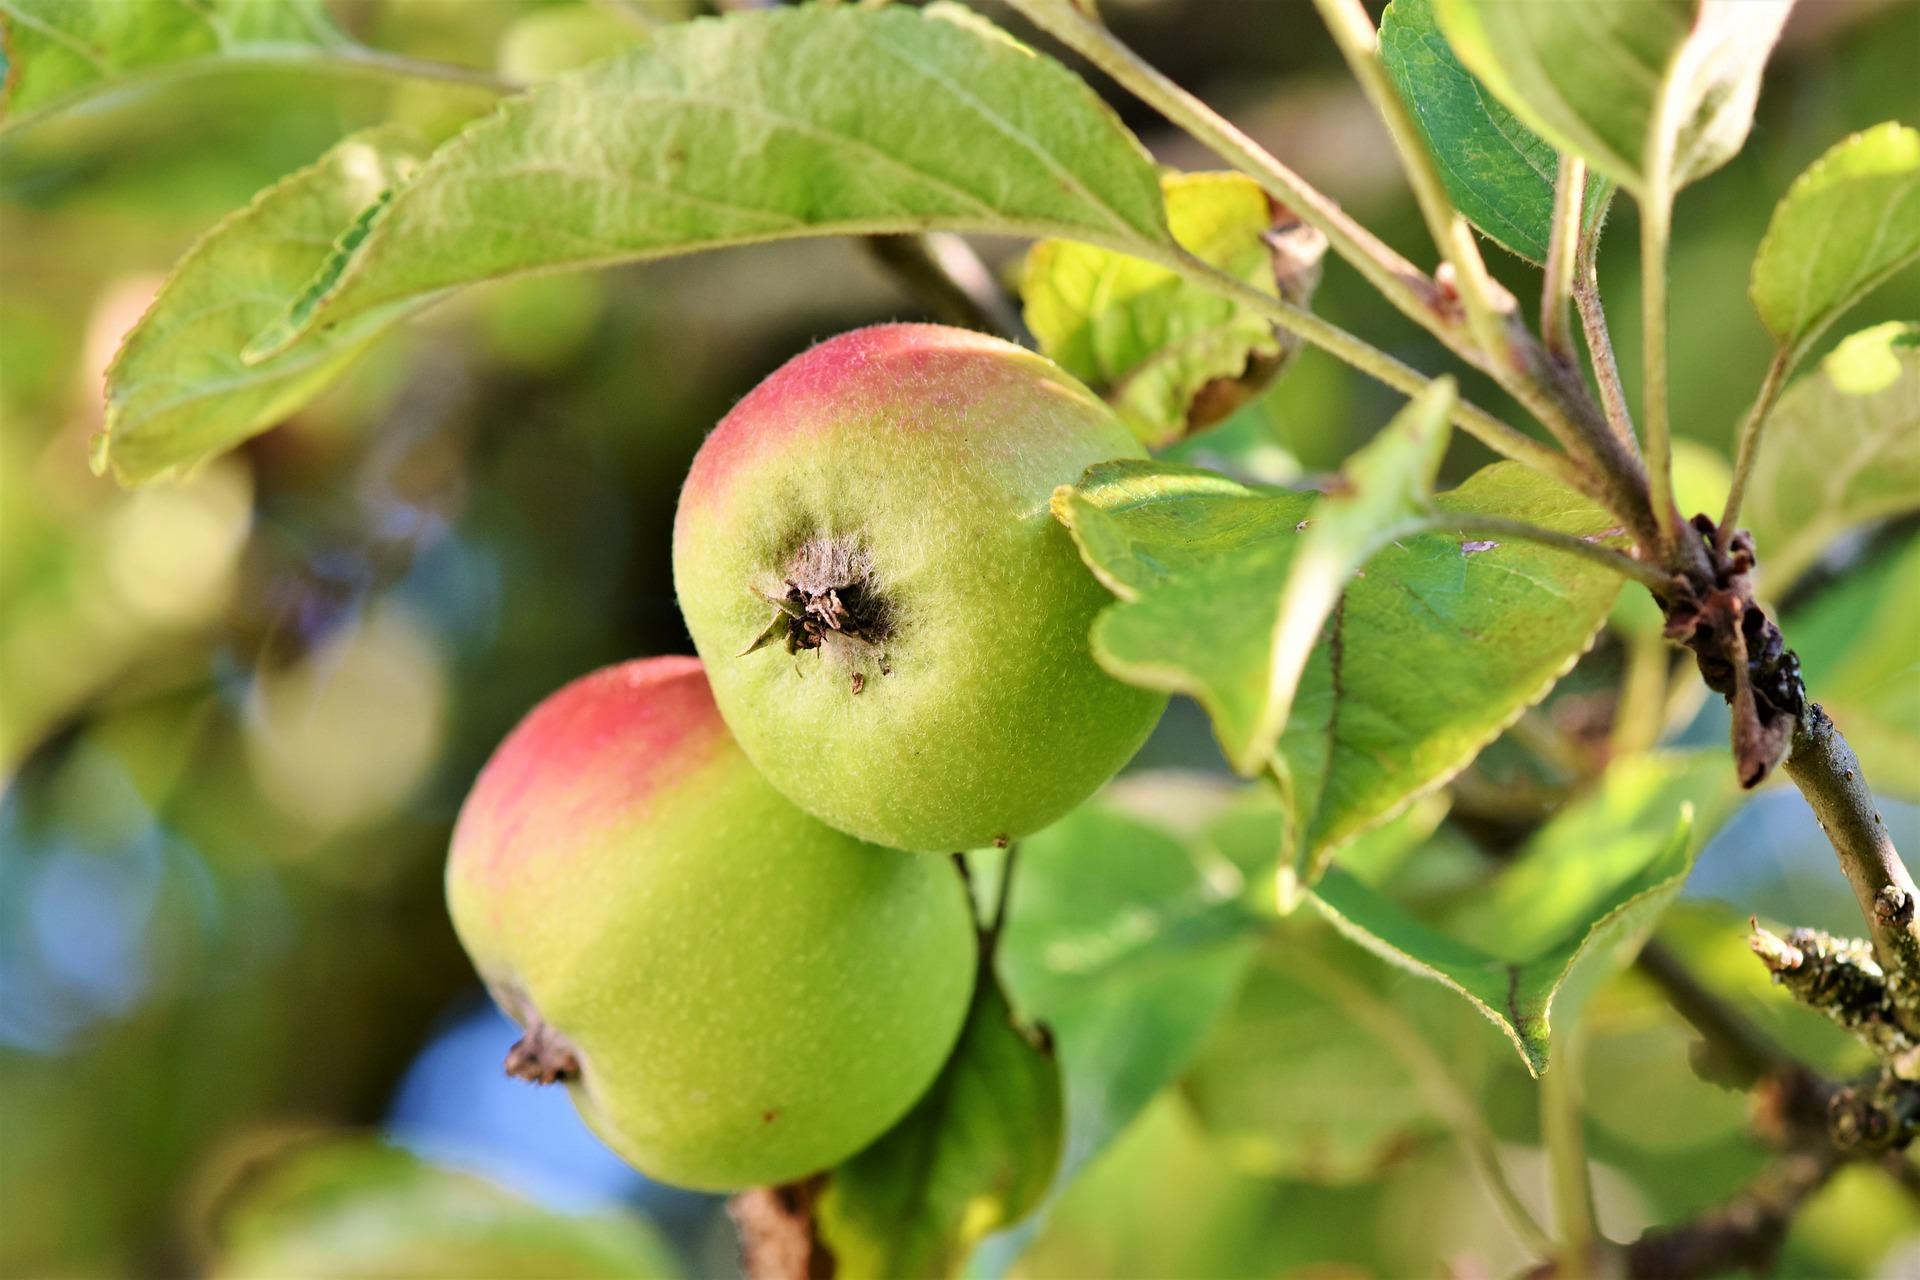 Hình ảnh quả táo màu xanh đẹp